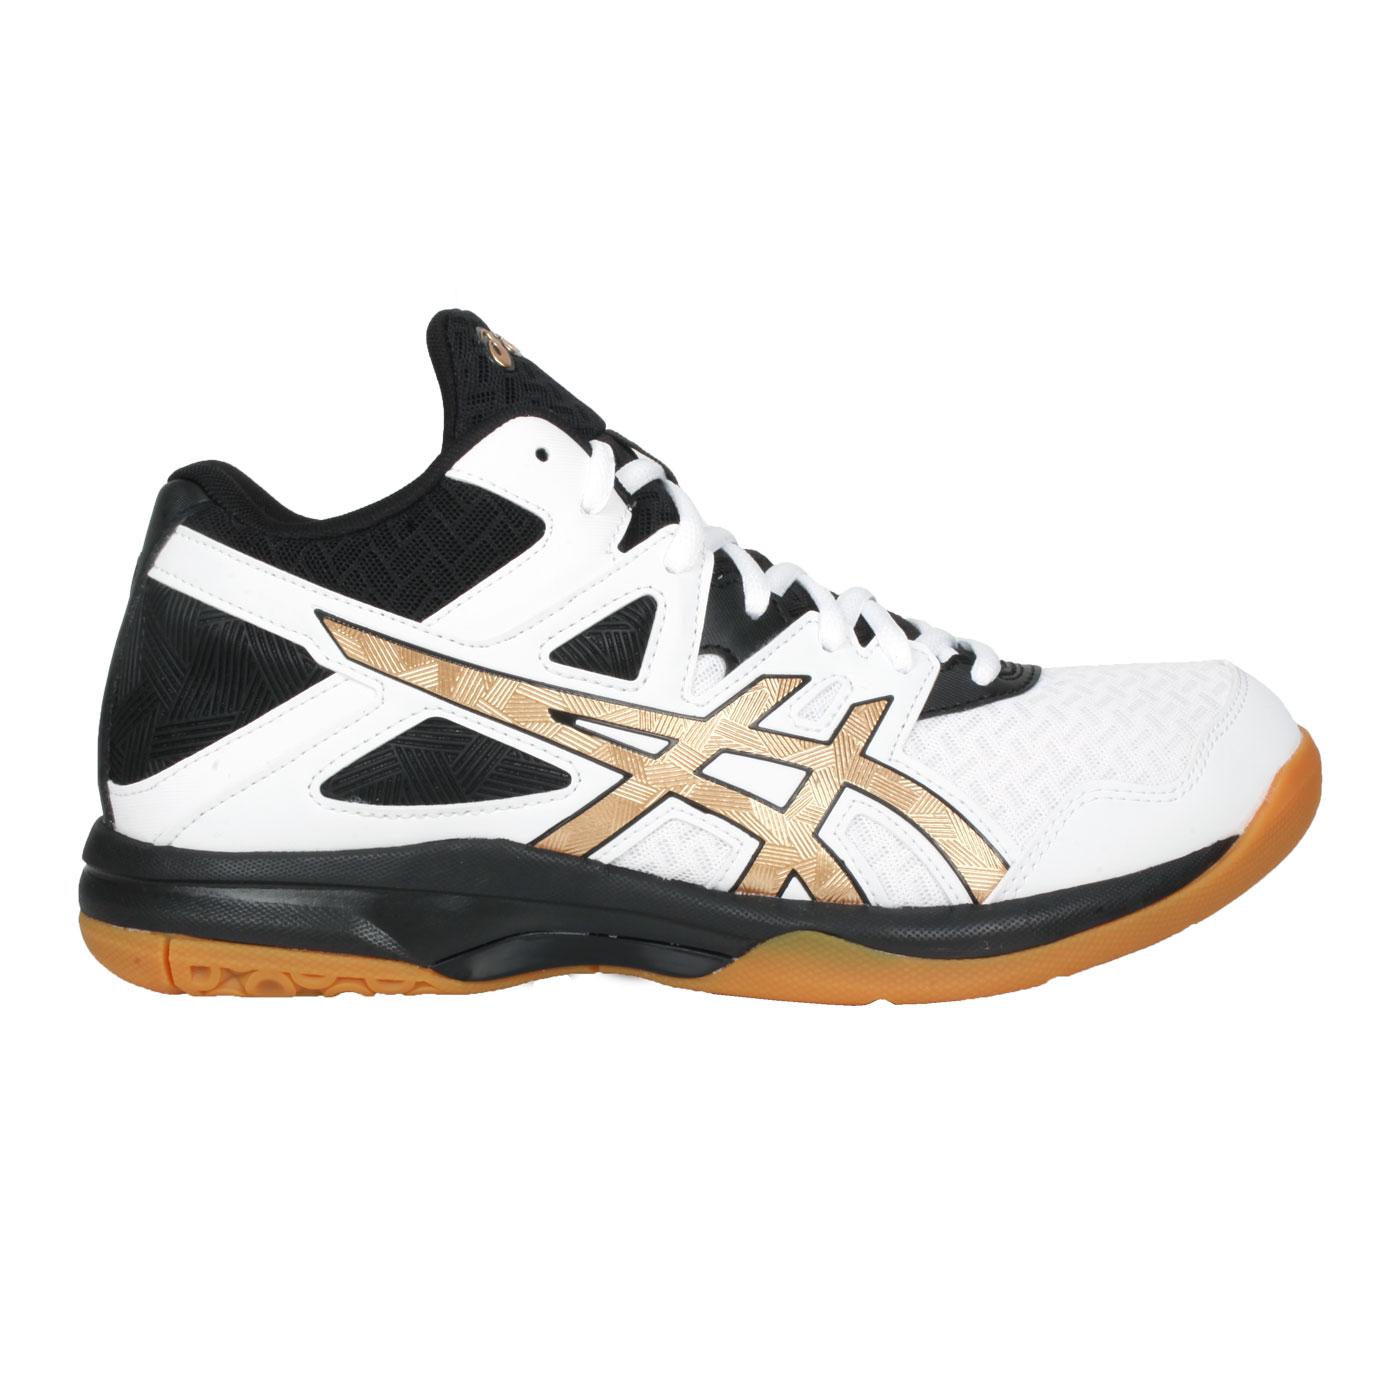 ASICS 男款排羽球鞋  @GEL-TASK MT 2@1071A036-102 - 白黑金